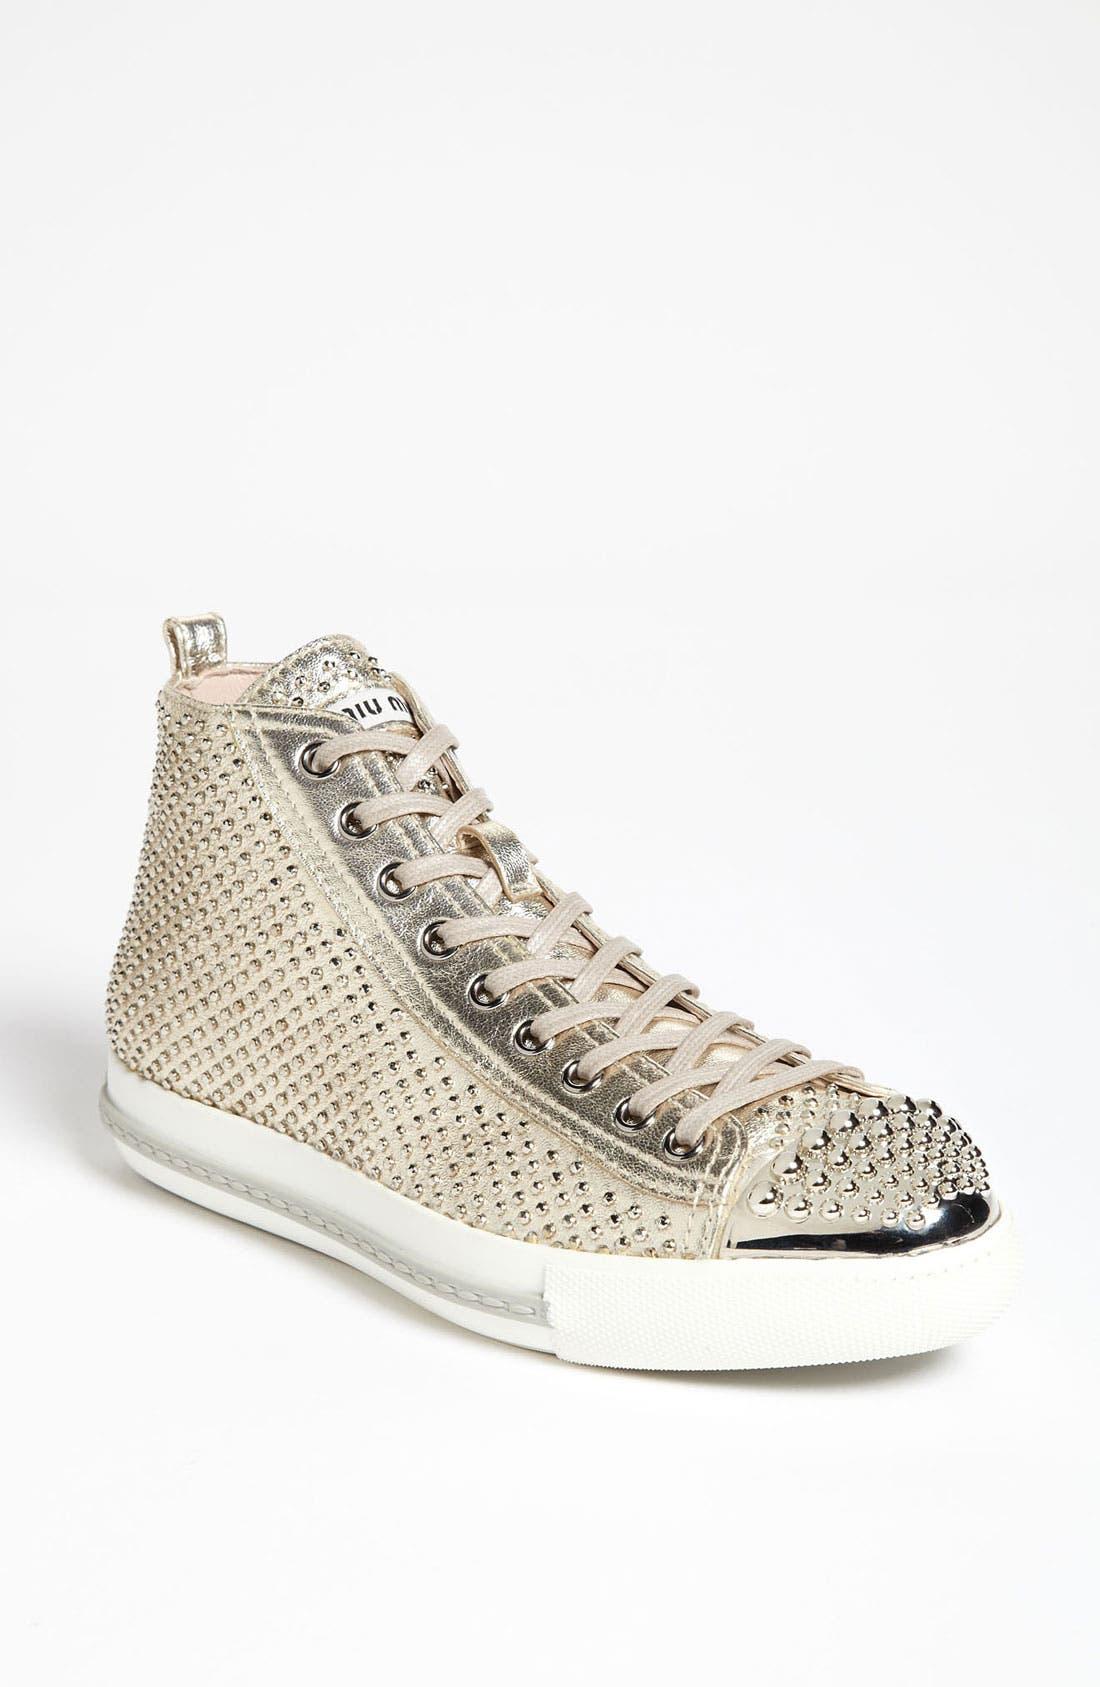 Alternate Image 1 Selected - Miu Miu Metal Toe High Top Sneaker